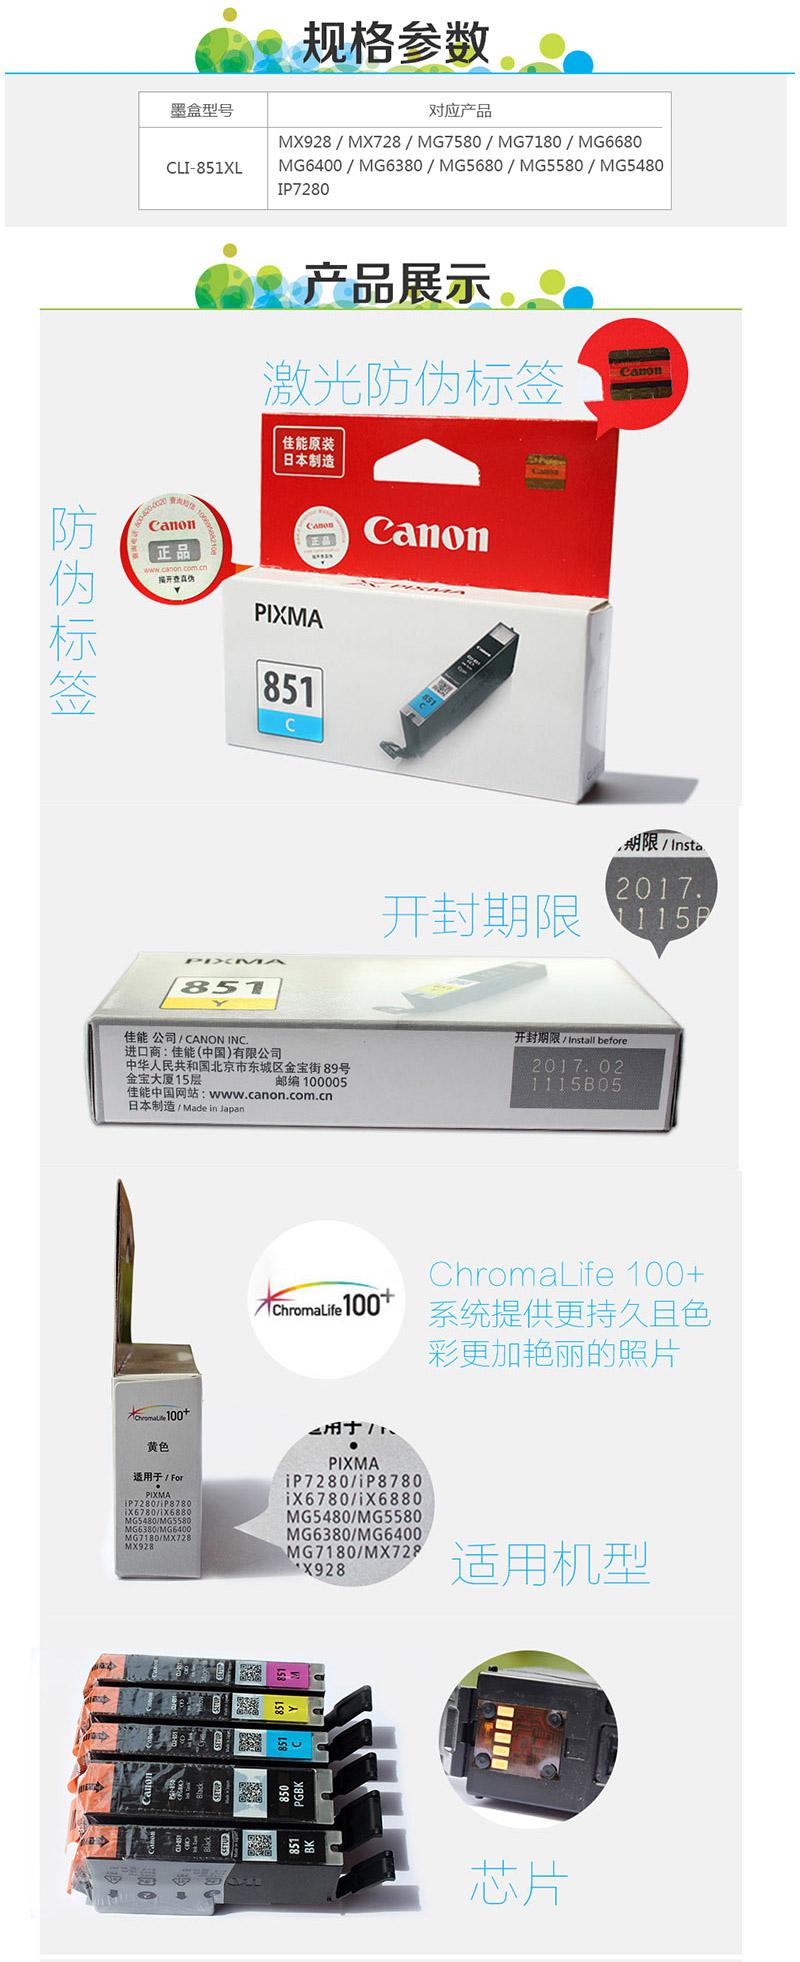 佳能 CLI-851XL BK 高容黑色墨盒 (适用于MX928、MG6400、IX6800、IP7280)